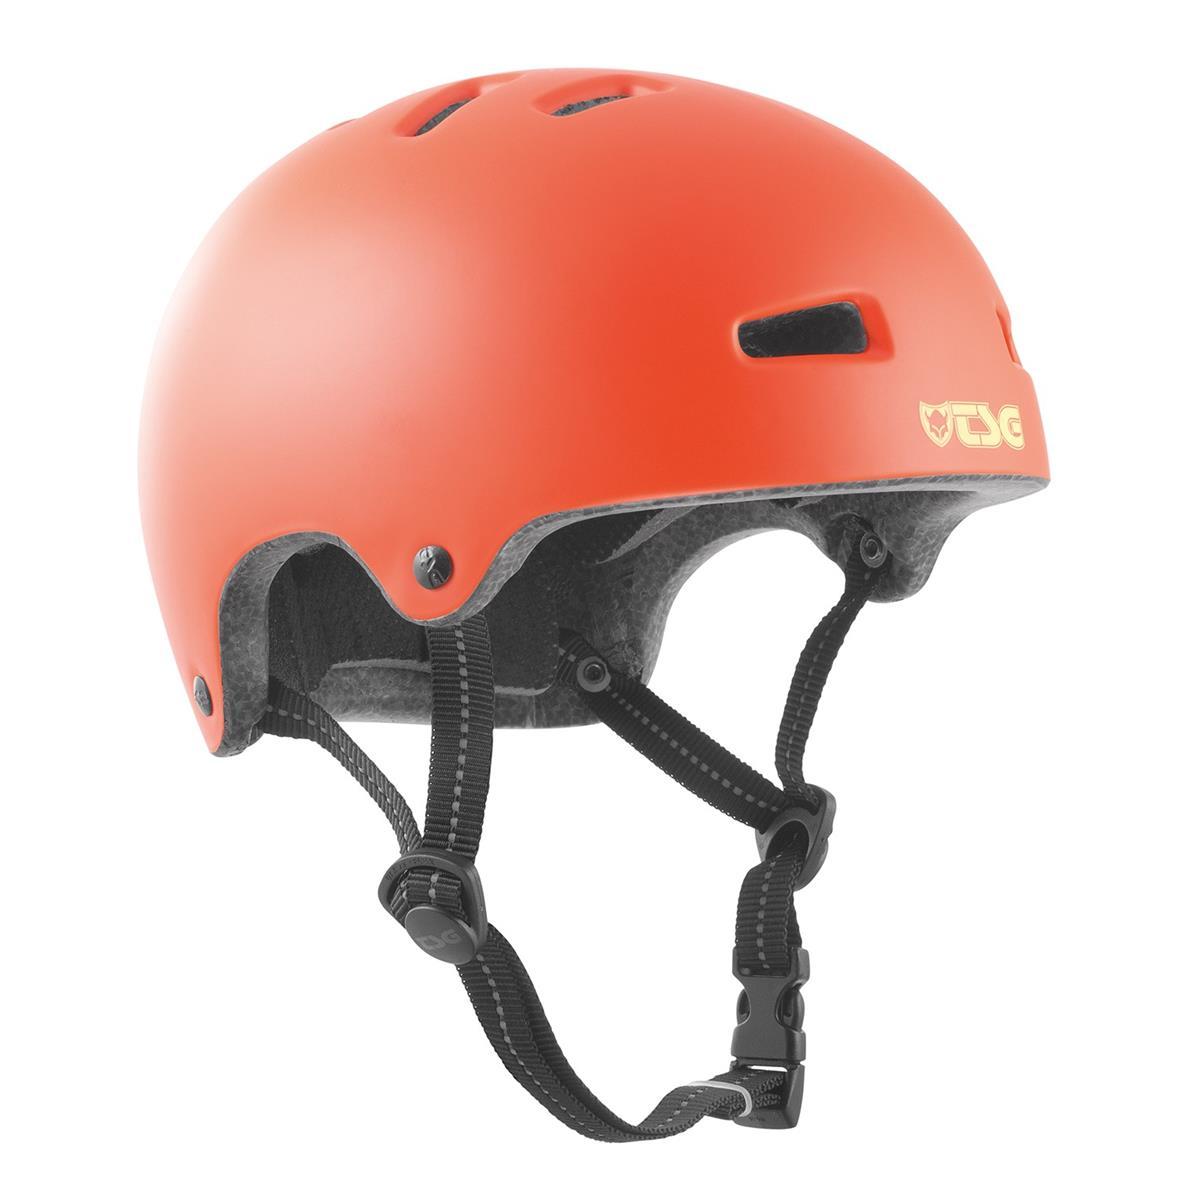 TSG Kids BMX/Dirt Helm Nipper Mini Solid Color - Satin Lychee